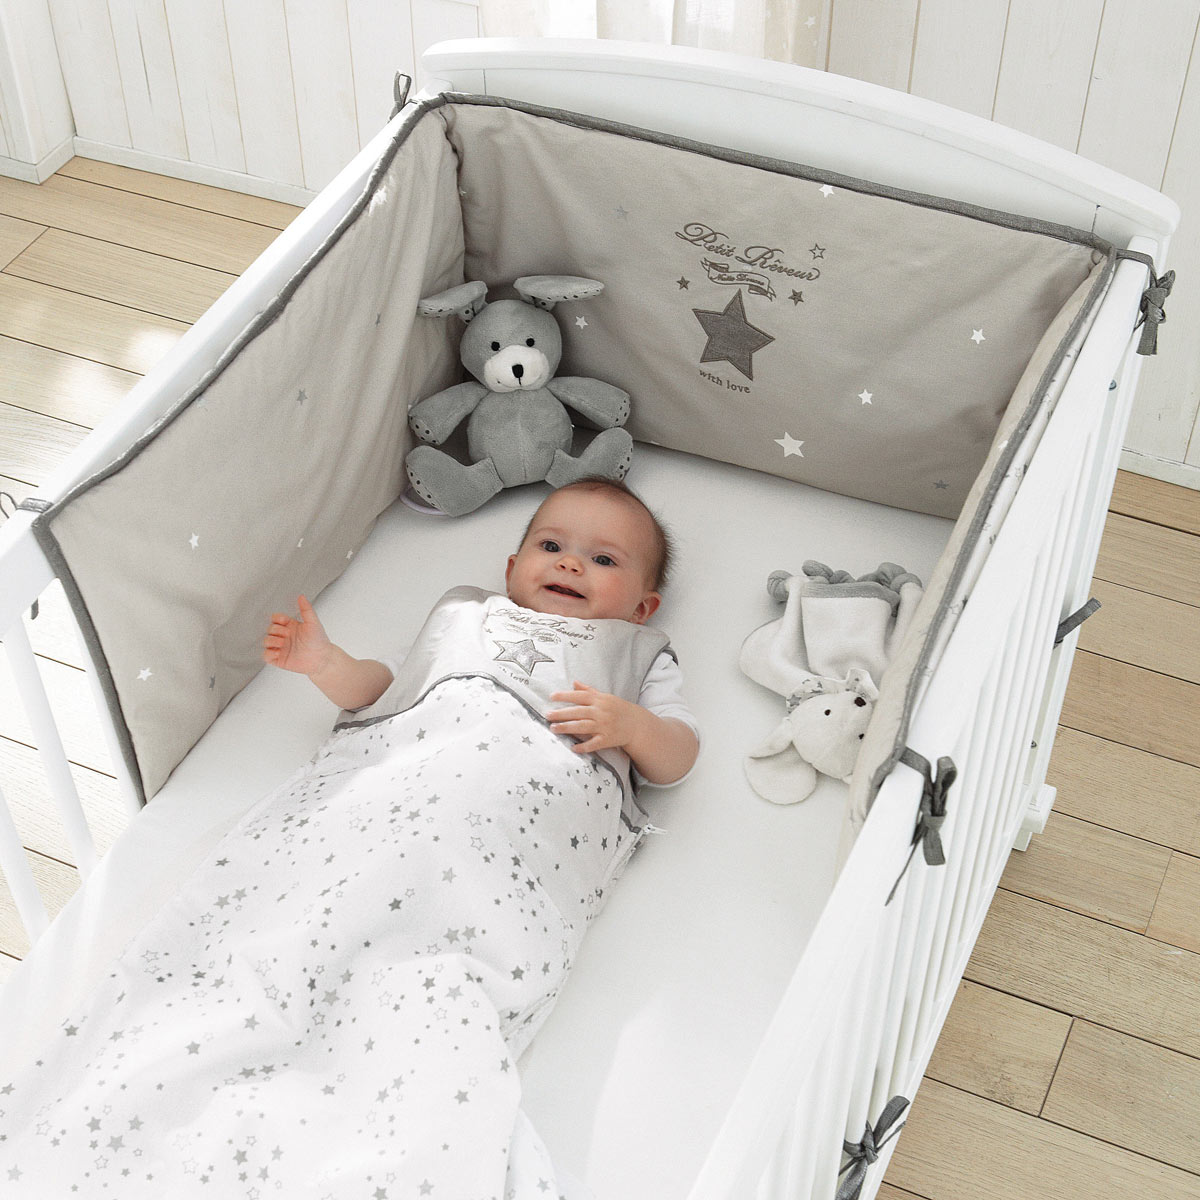 chambre de bébé - Page : 2 - Les avrilettes 2015 - Futures mamans ...